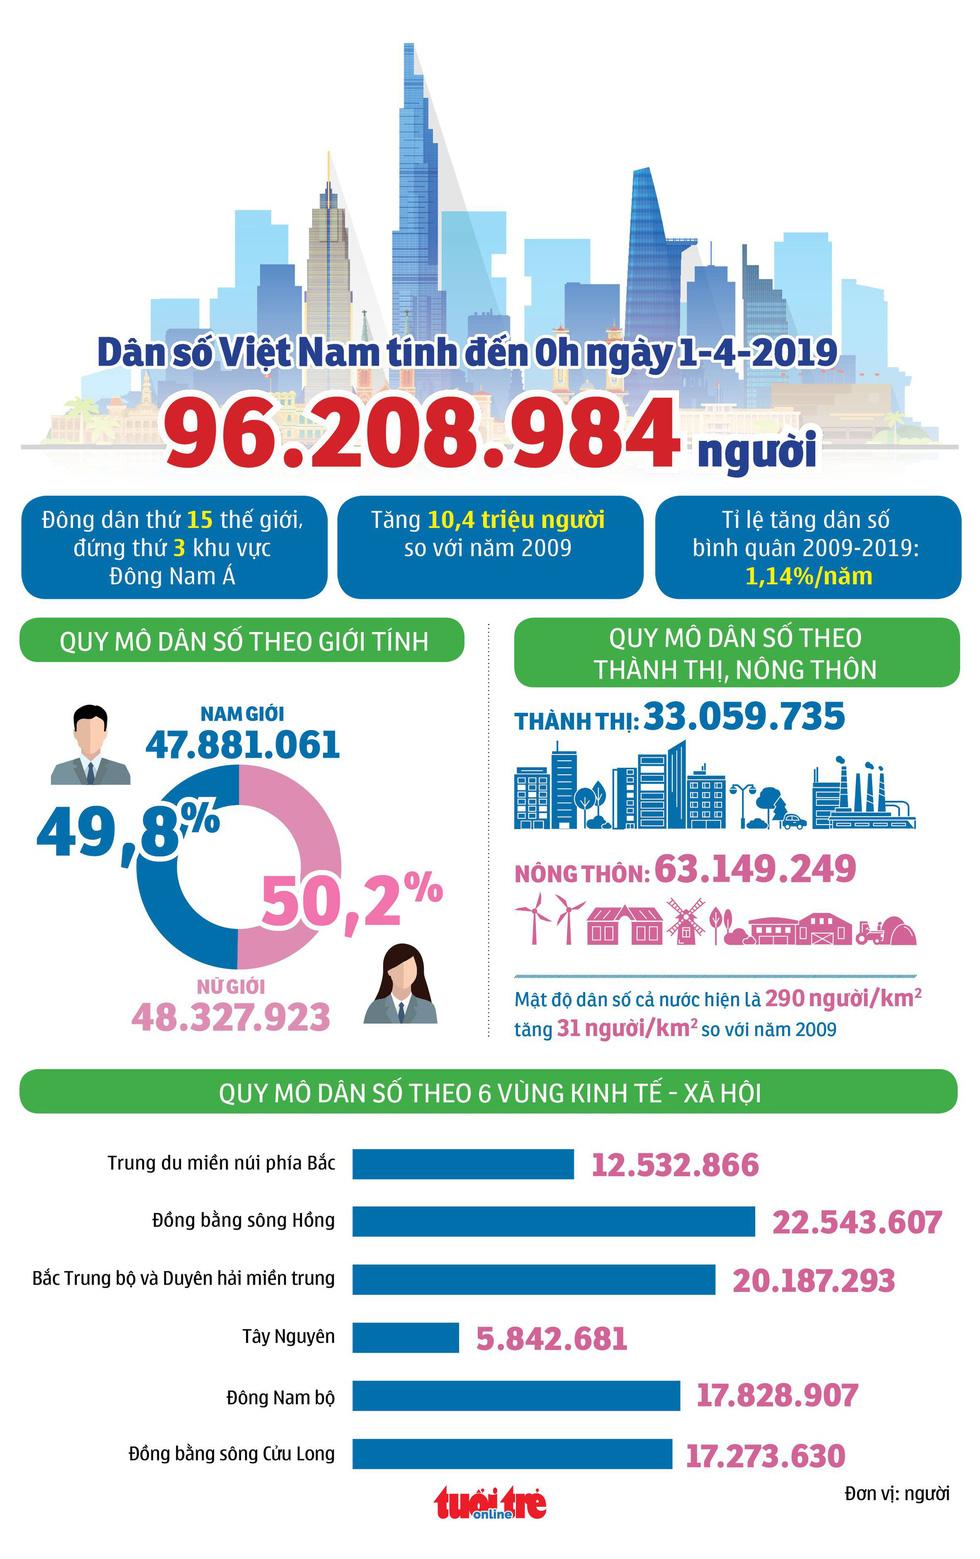 Dân số Việt Nam tăng ra sao trong 10 năm qua? - Ảnh 1.